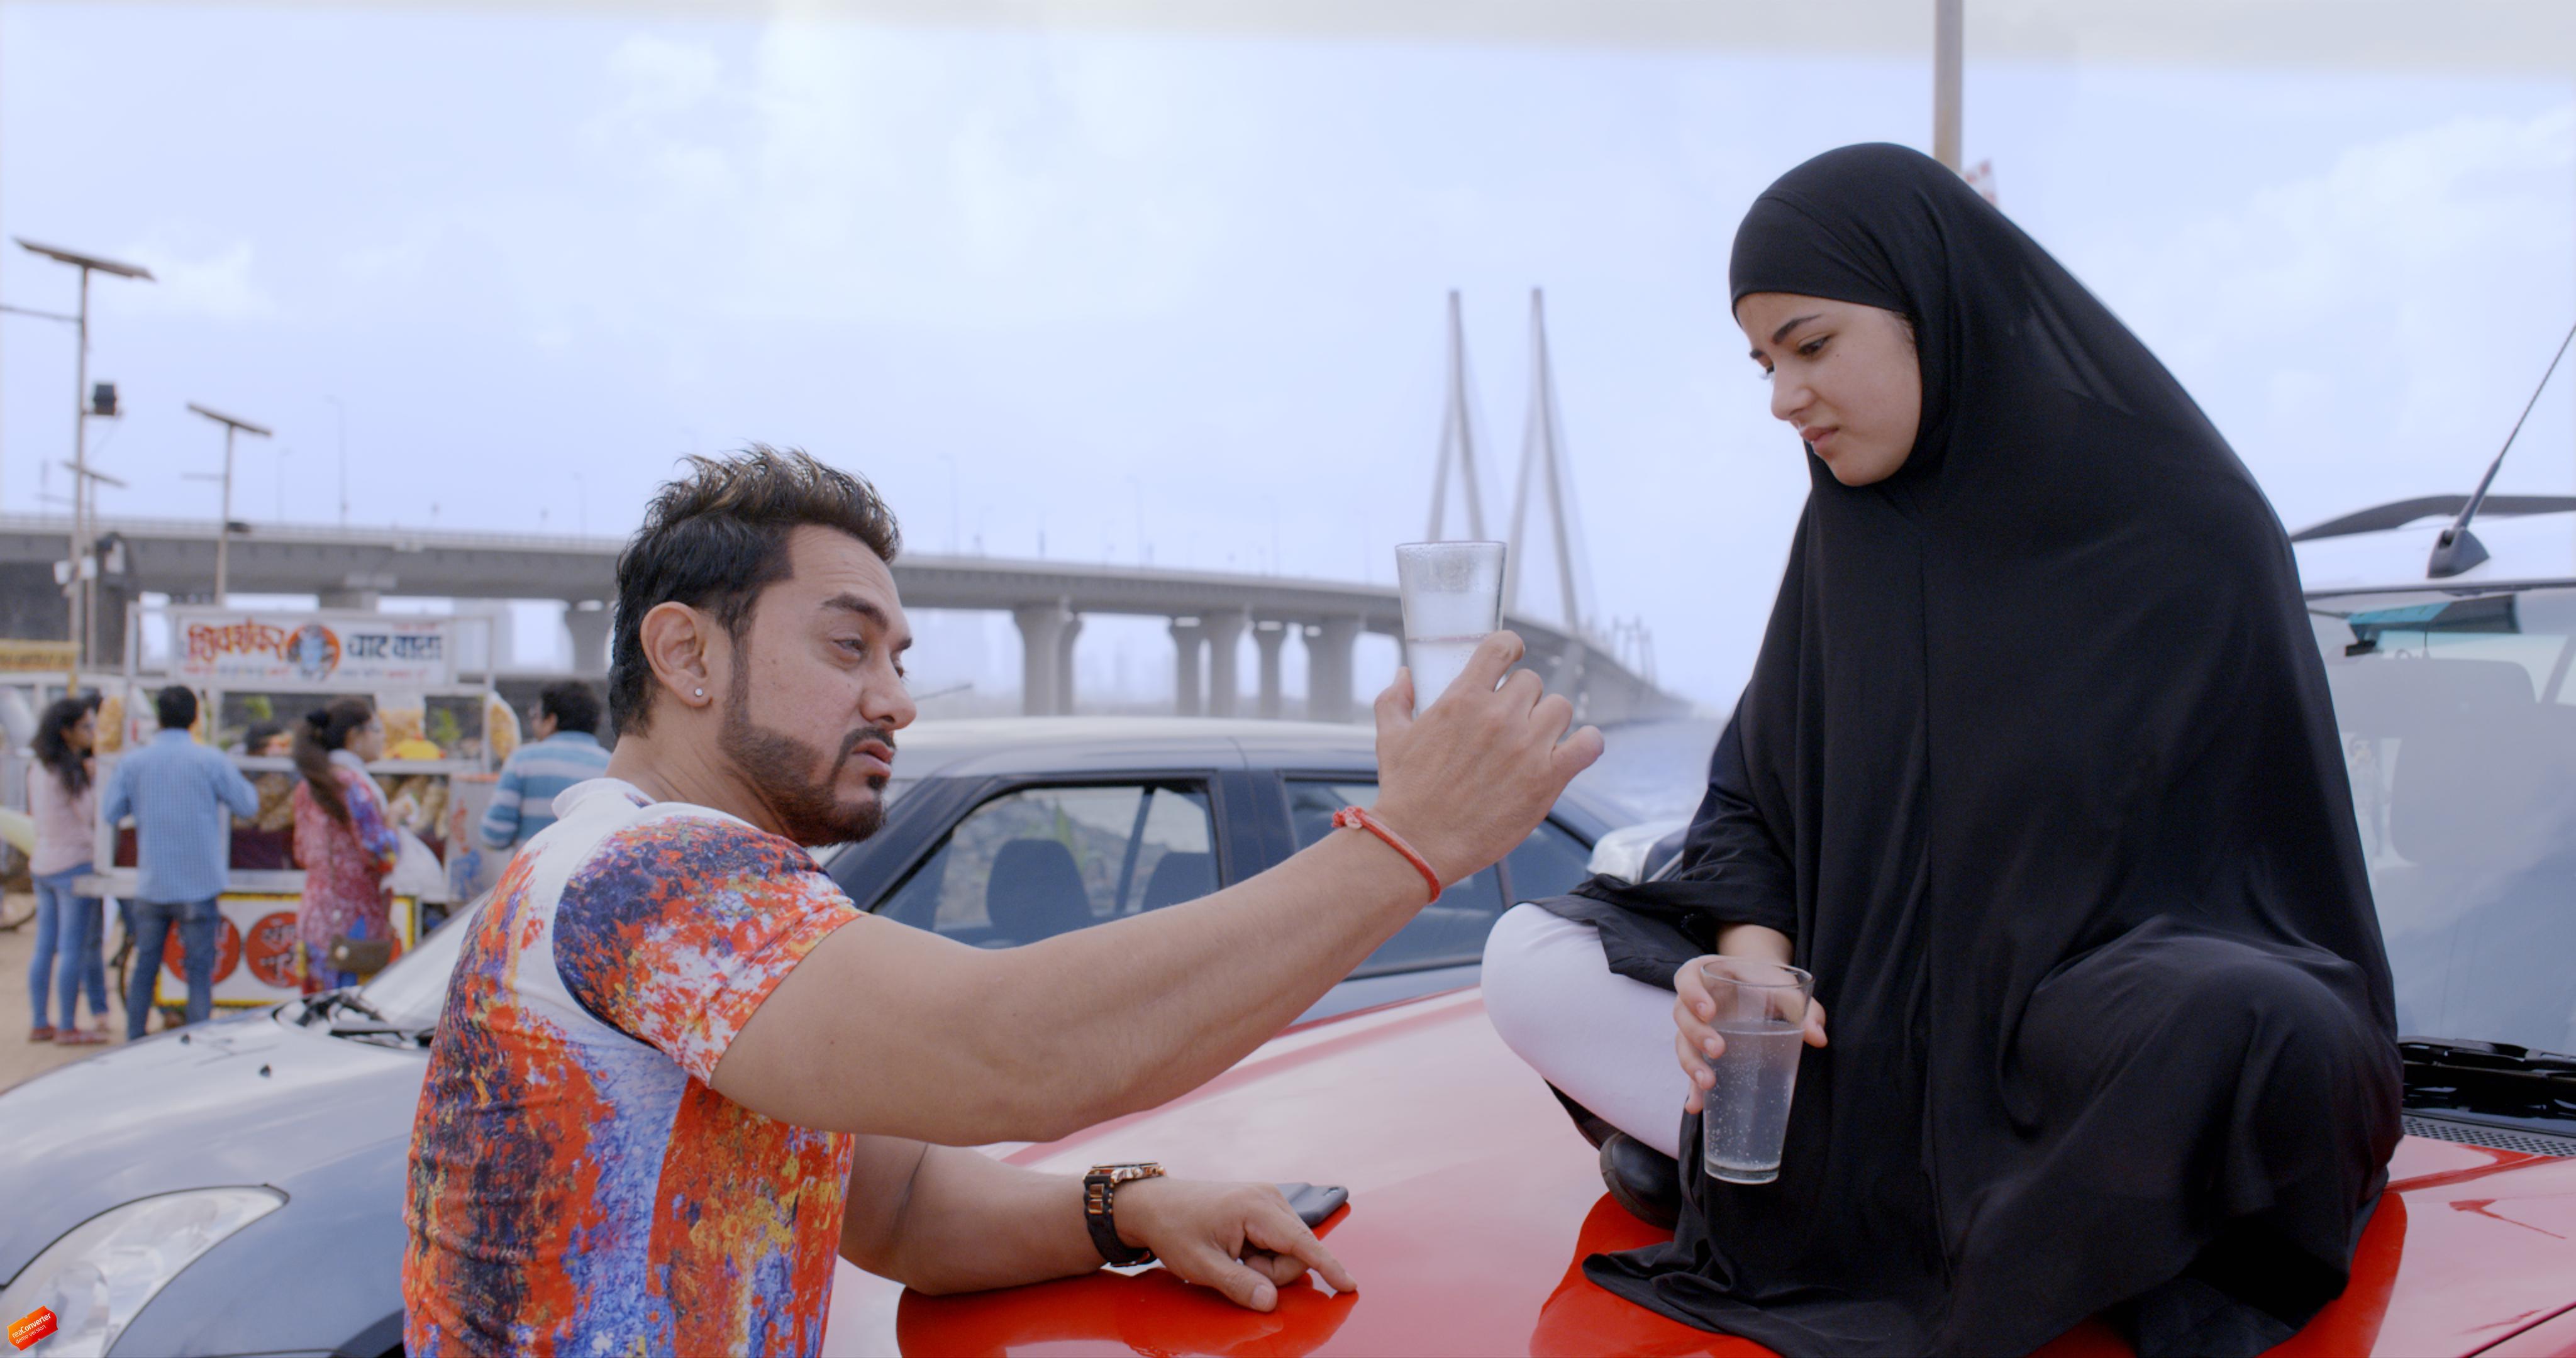 Zaira Wasim and Aamir Khan in Secret Superstar.